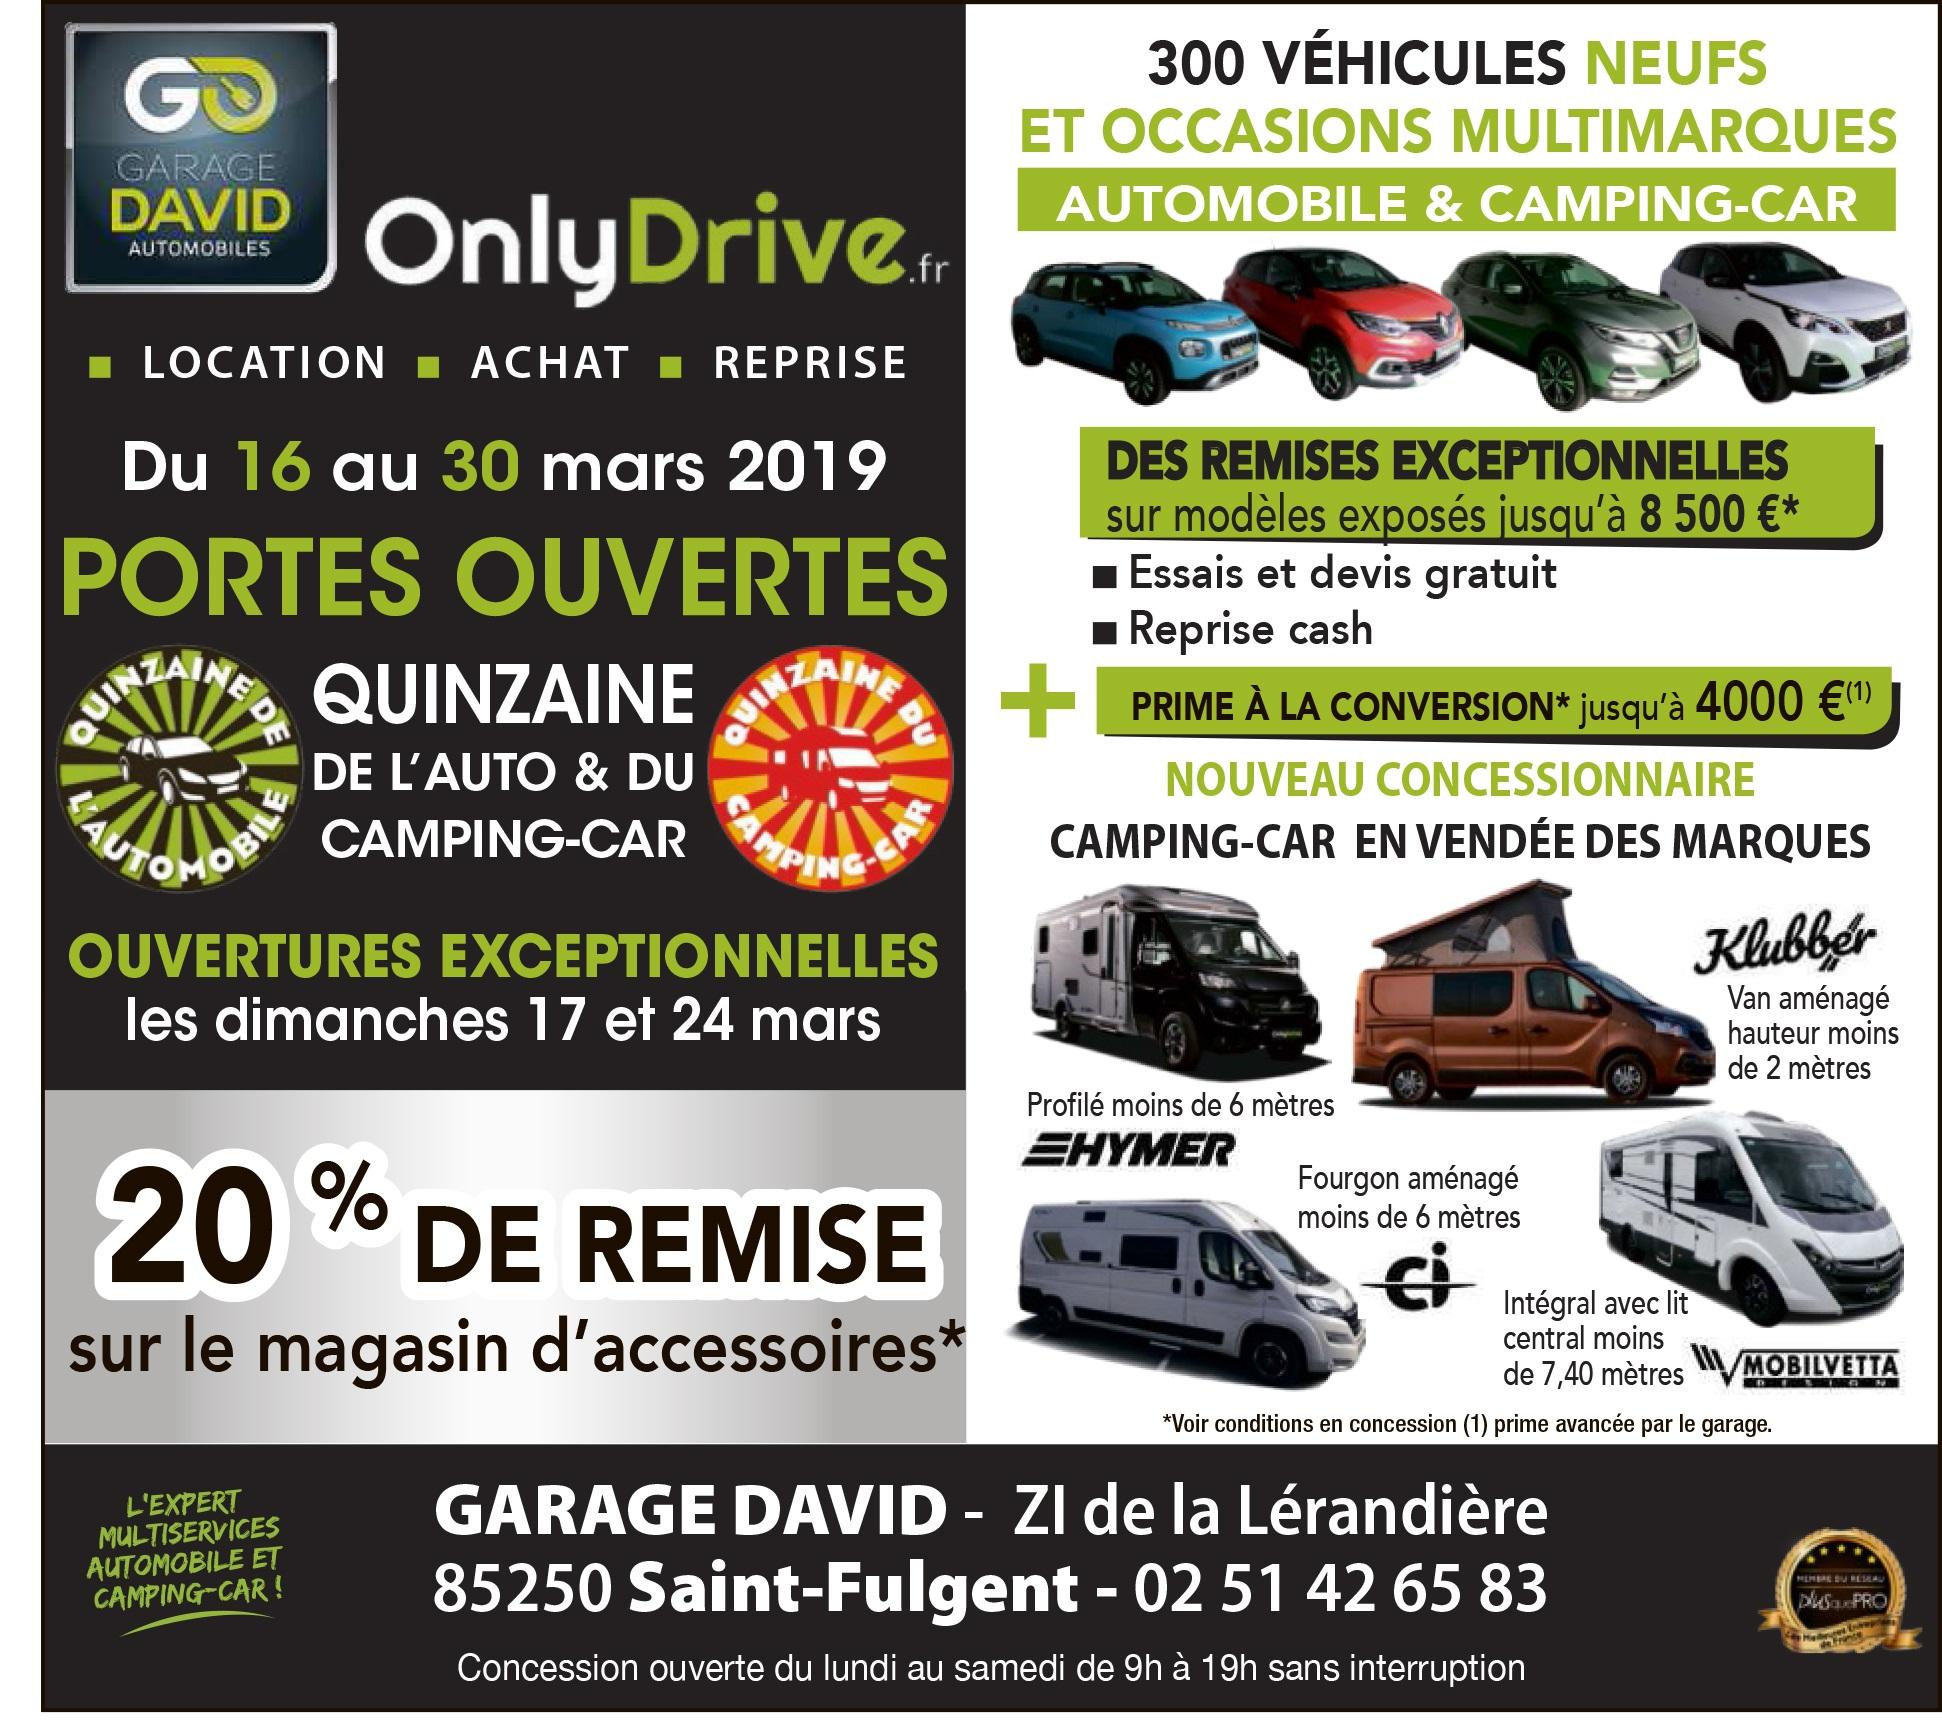 """Portes ouvertes """"Quinzaine de l'automobile et du camping-car"""" du 16 au 30 mars 2019 au Garage David à Saint Fulgent en Vendée"""